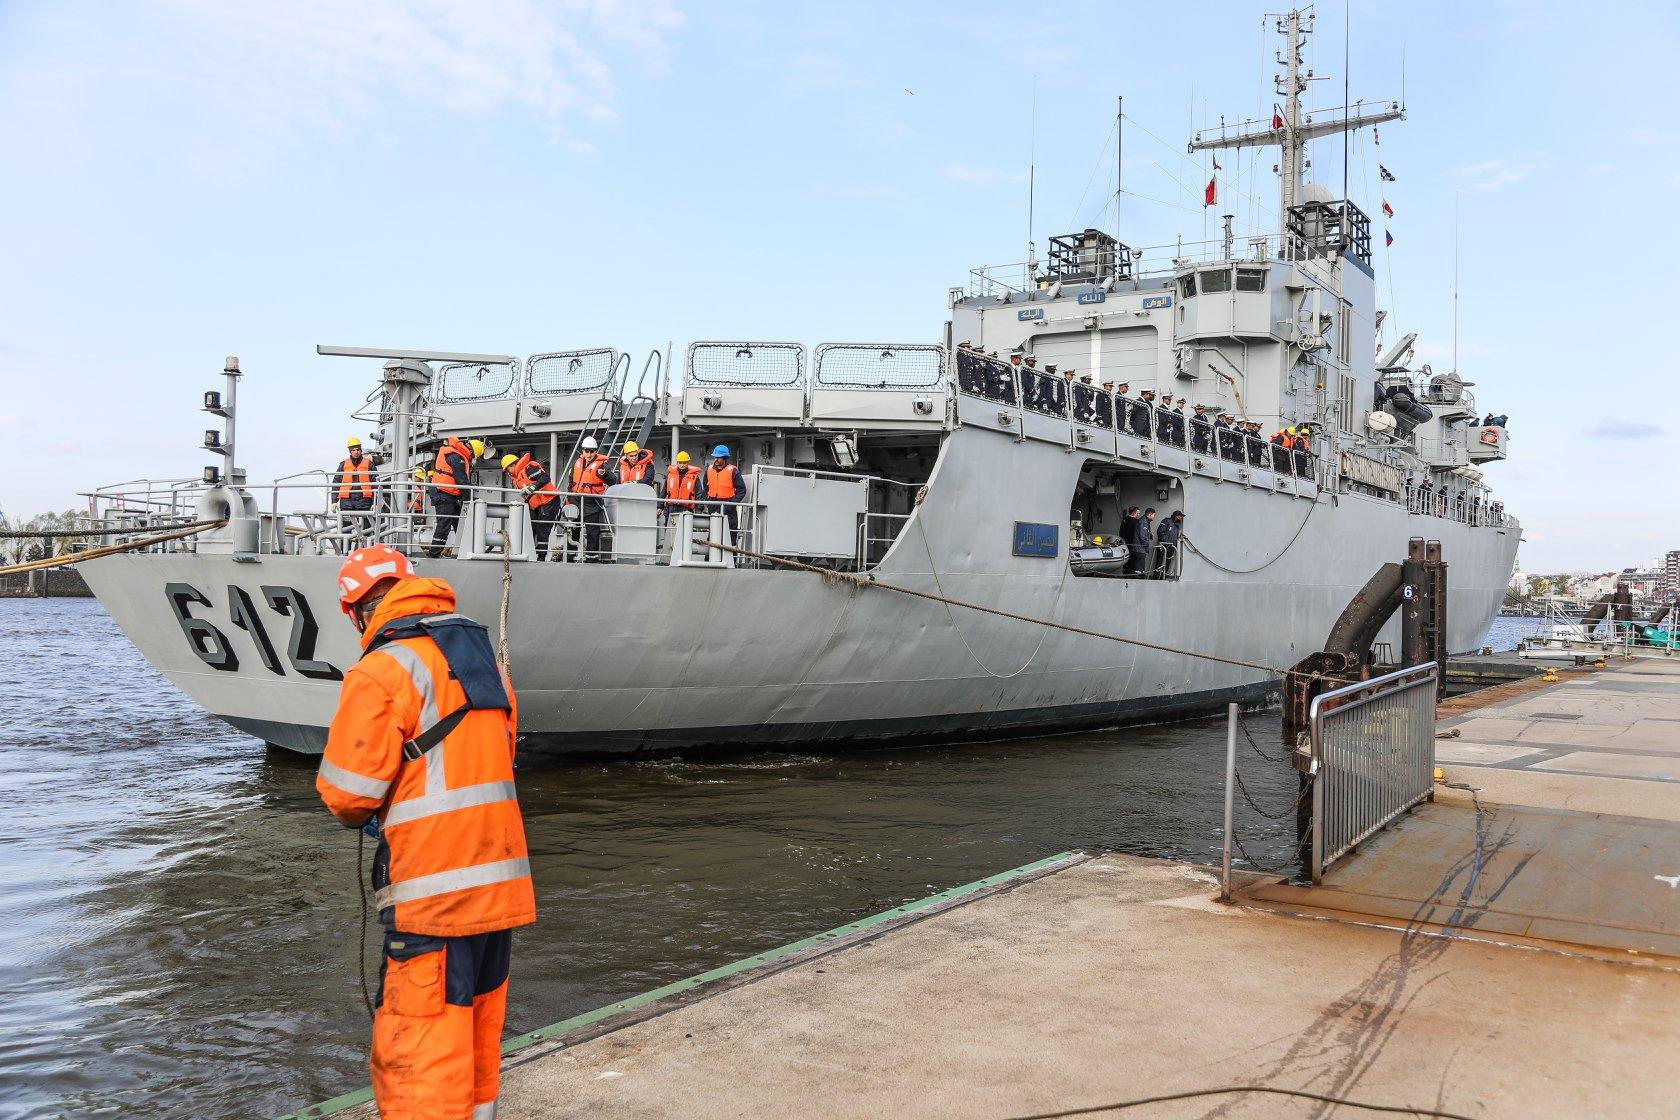 Royal Moroccan Navy Floréal Frigates / Frégates Floréal Marocaines - Page 14 33717688478_94f8c8b6dd_o